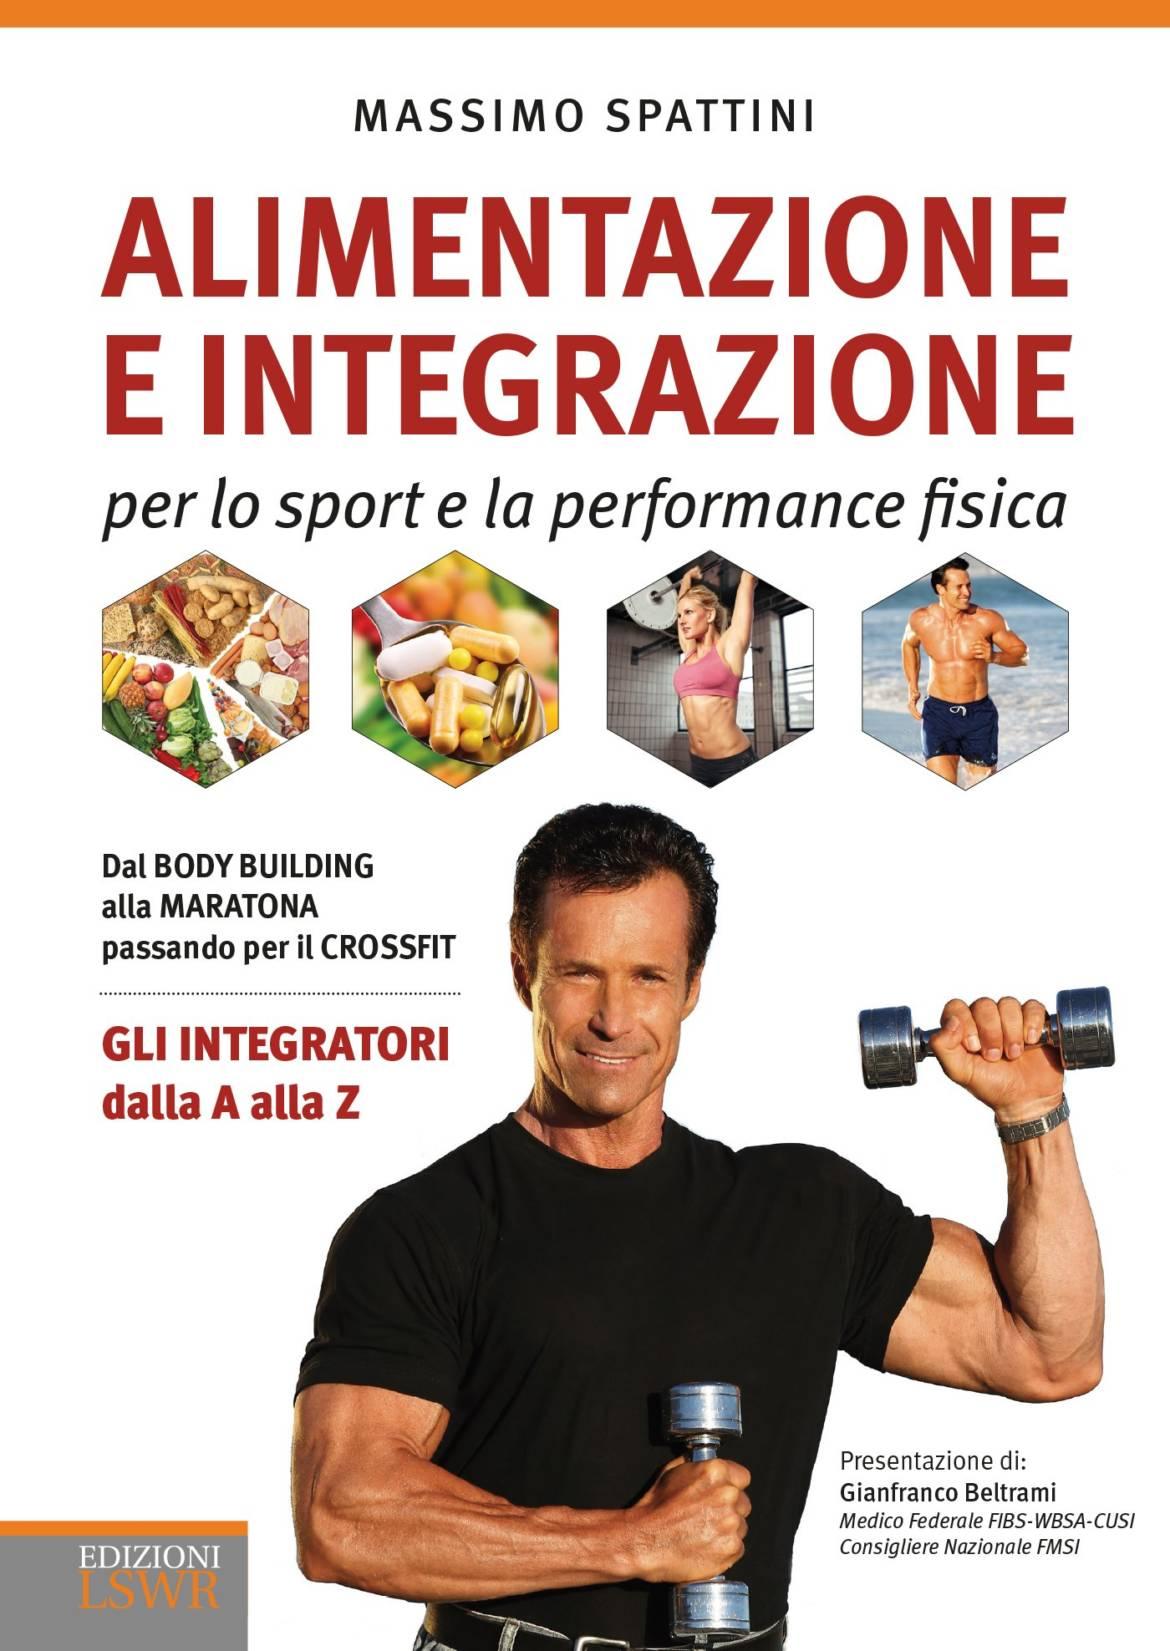 alimentazione-e-integrazione-per-lo-sport-e-la-performance-fisica.jpg